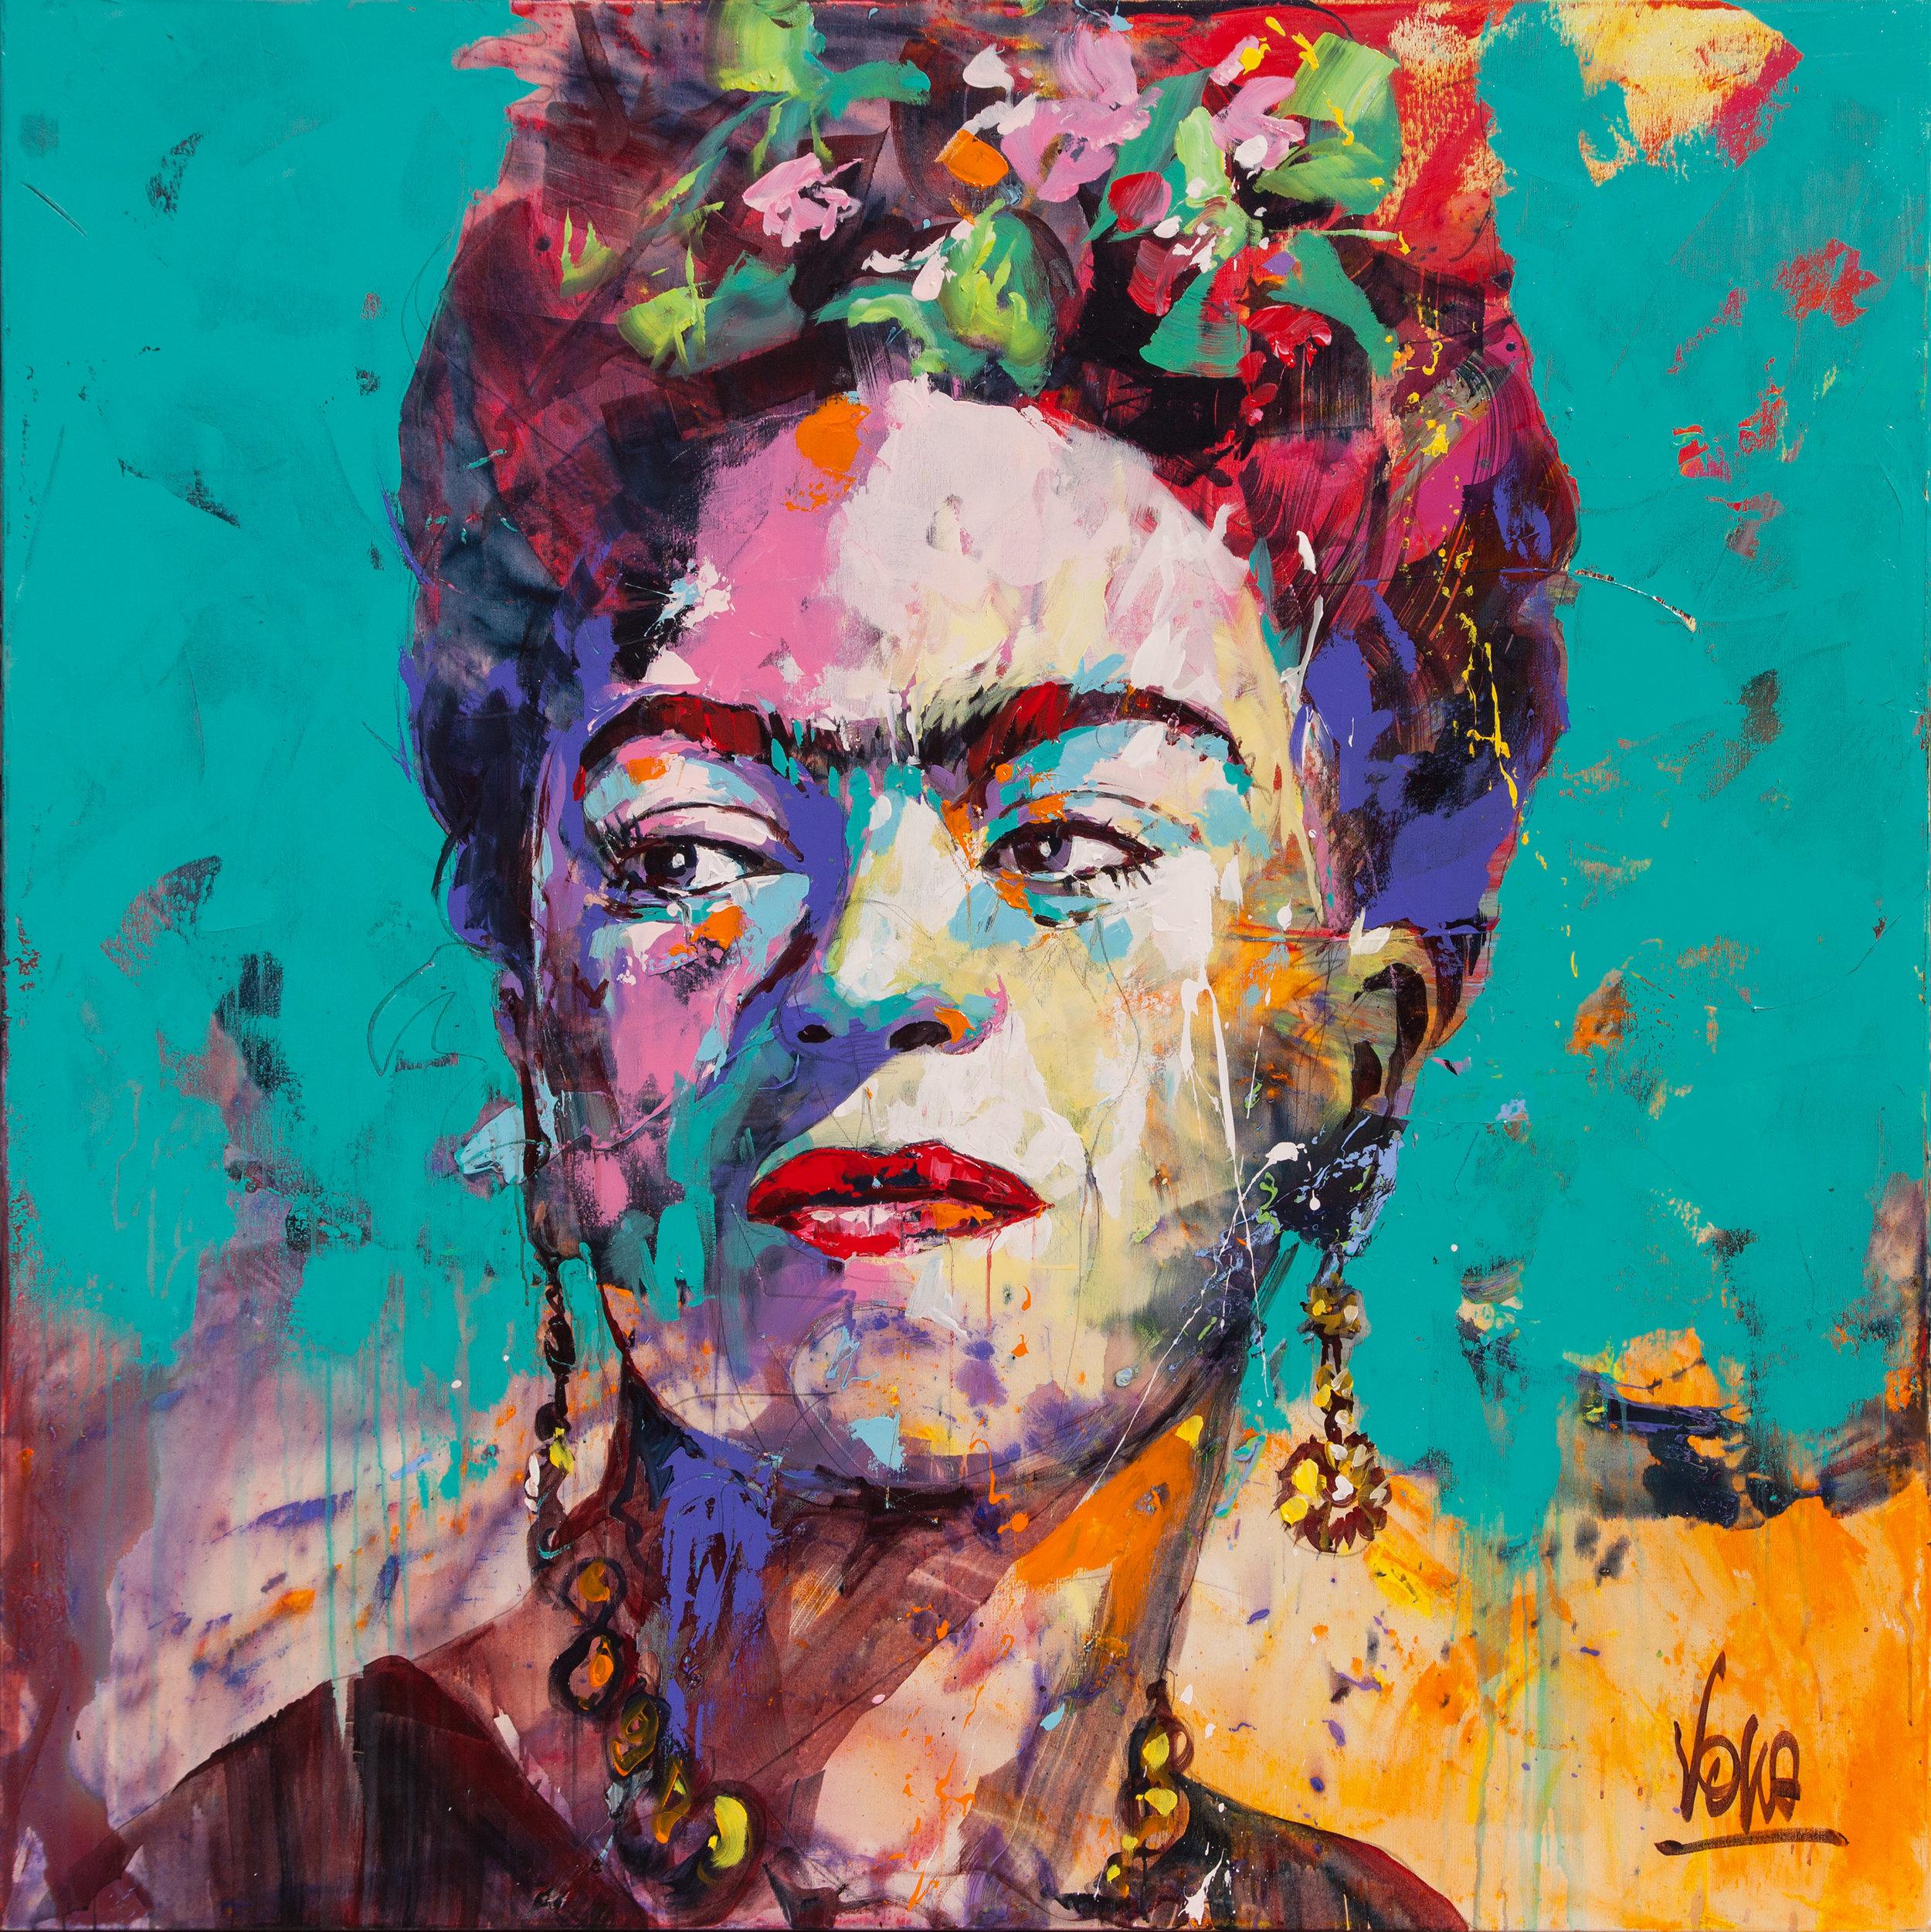 Frida, 150x150 cm/59,1x59,1 inch, Acrylic on Canvas